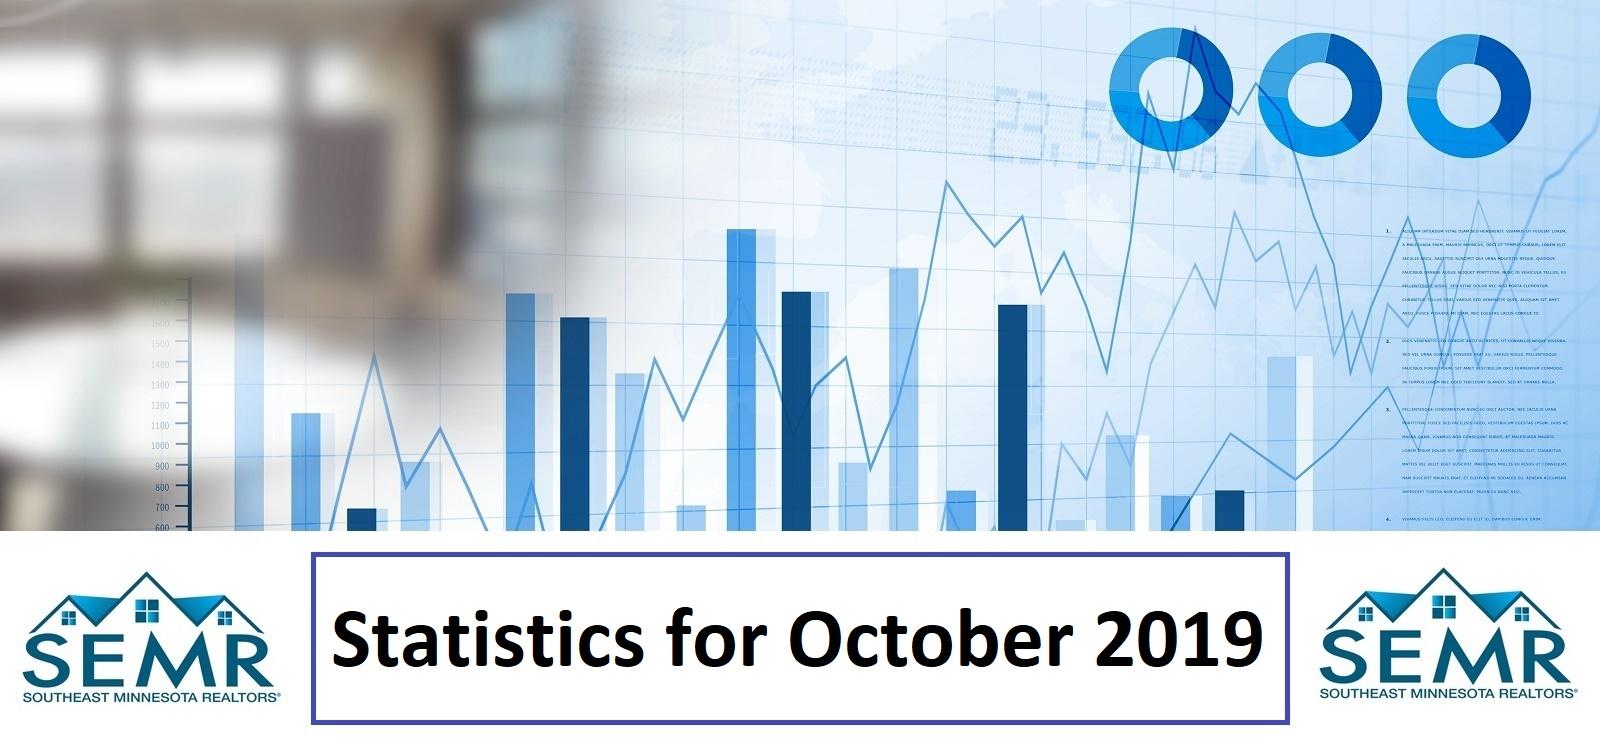 SEMR Statistics for September 2019